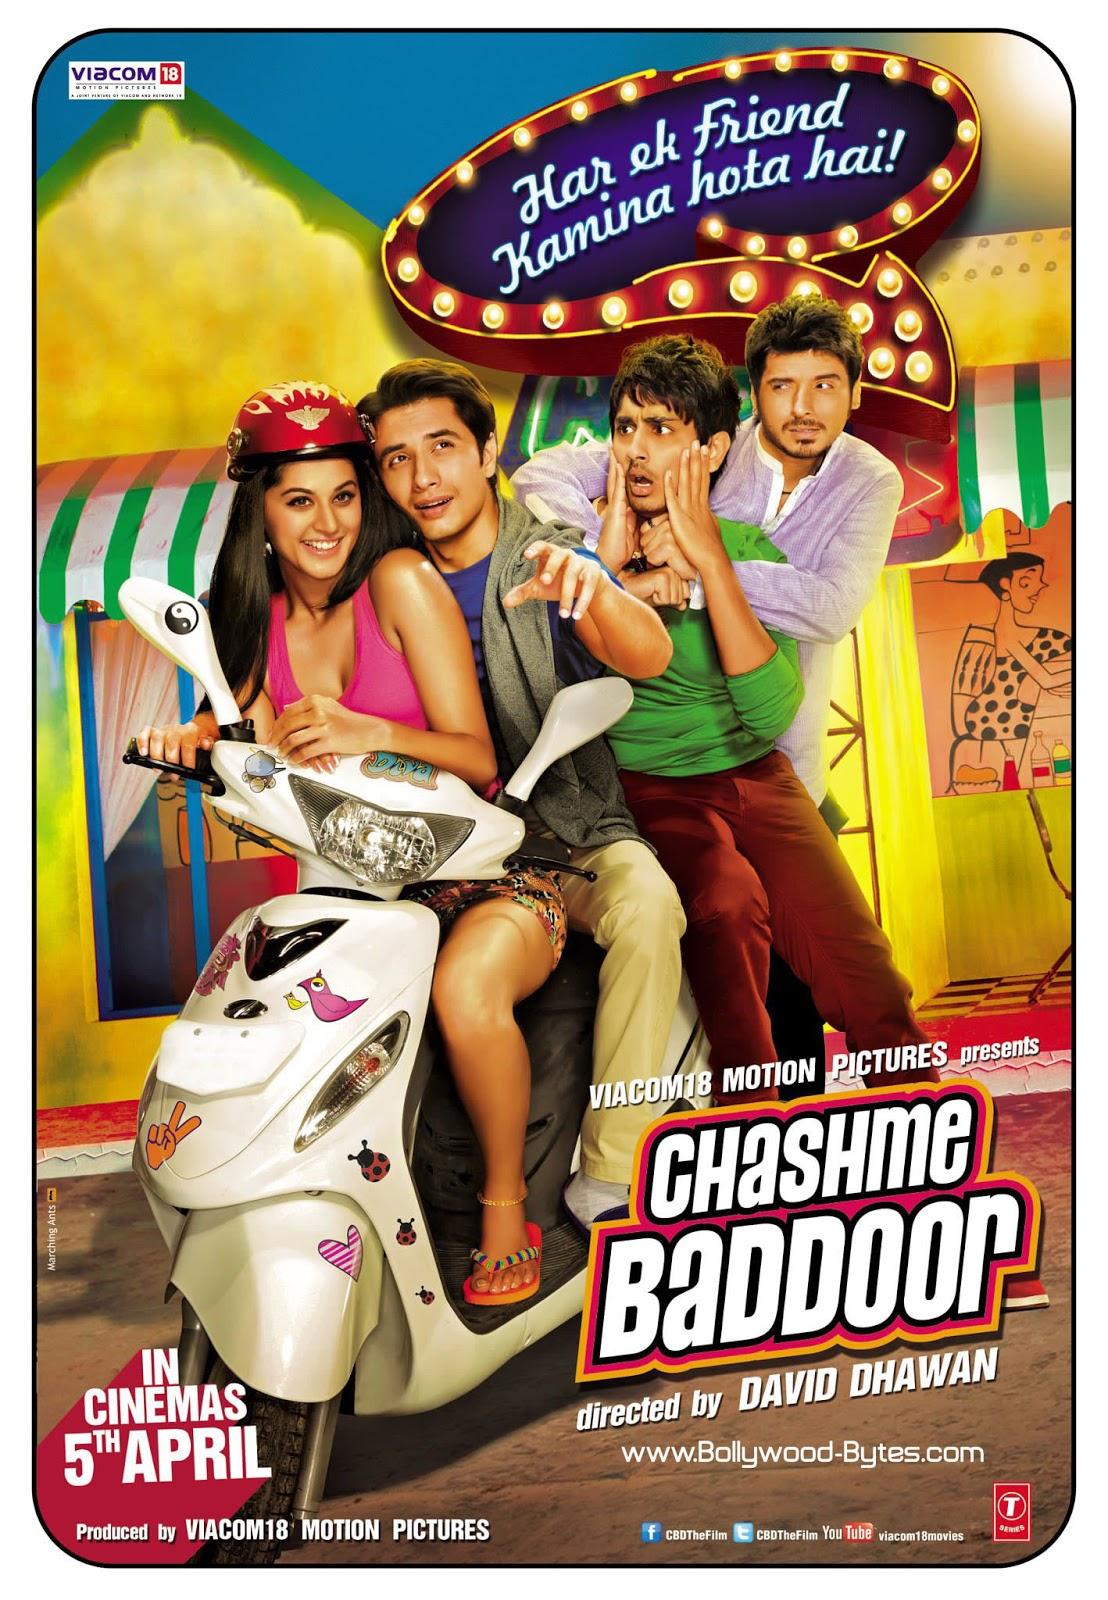 https://1.bp.blogspot.com/-Plgmjtpv22U/URXPMp-EXPI/AAAAAAAAalY/qsZBJHweo9o/s1600/First-Look-Poster-Chashme-Baddoor-+Hot-Taapsee-Pannu-Ali-Zafar-Divyendu-Sharma- Siddharth.jpg